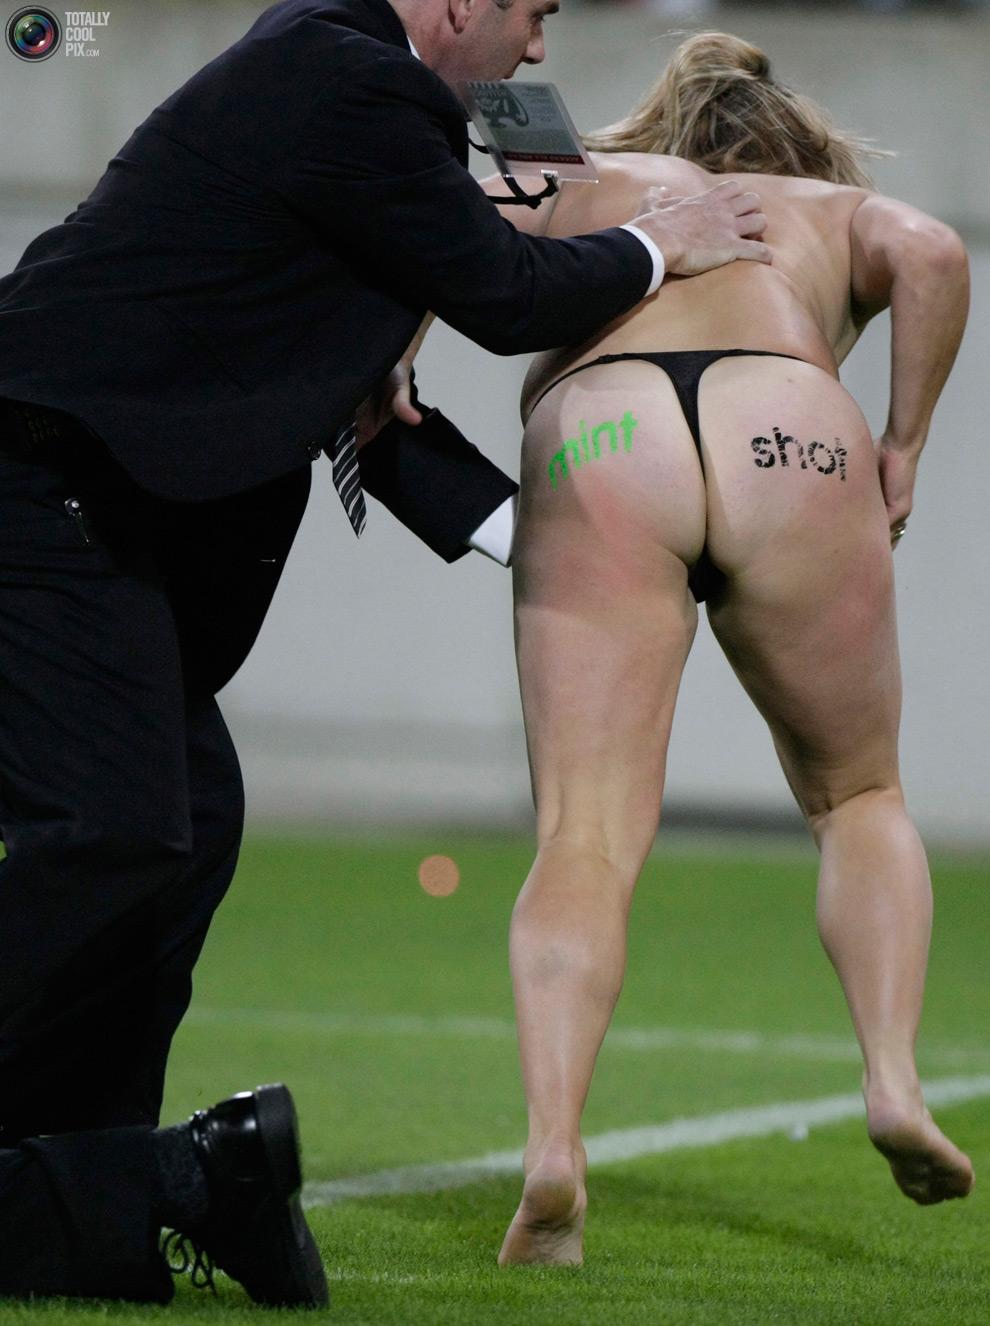 Смотреть бесплатно голыи спорт 20 фотография